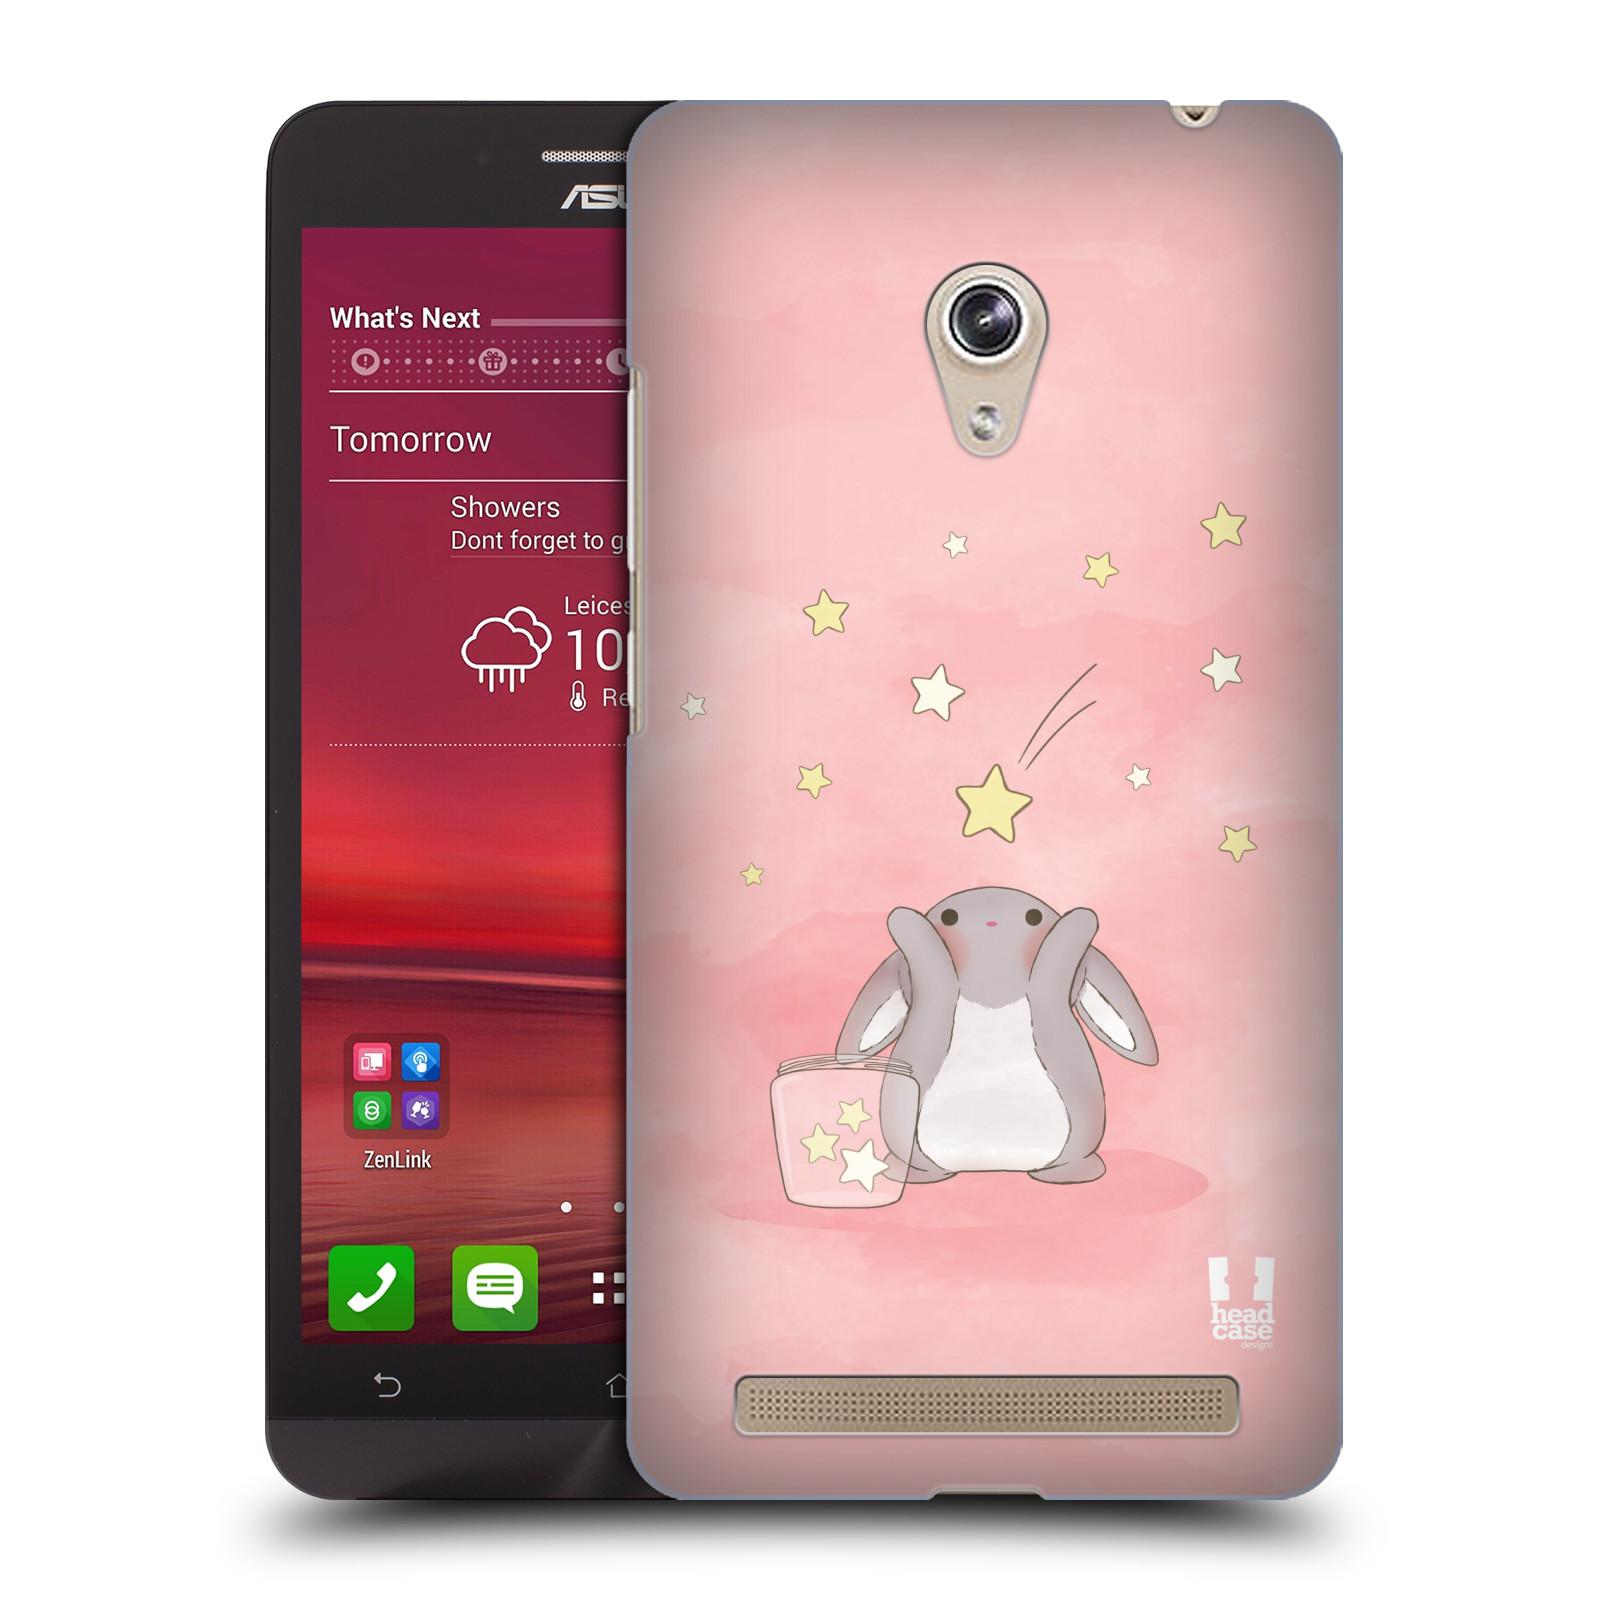 HEAD CASE plastový obal na mobil Asus Zenfone 6 vzor králíček a hvězdy růžová